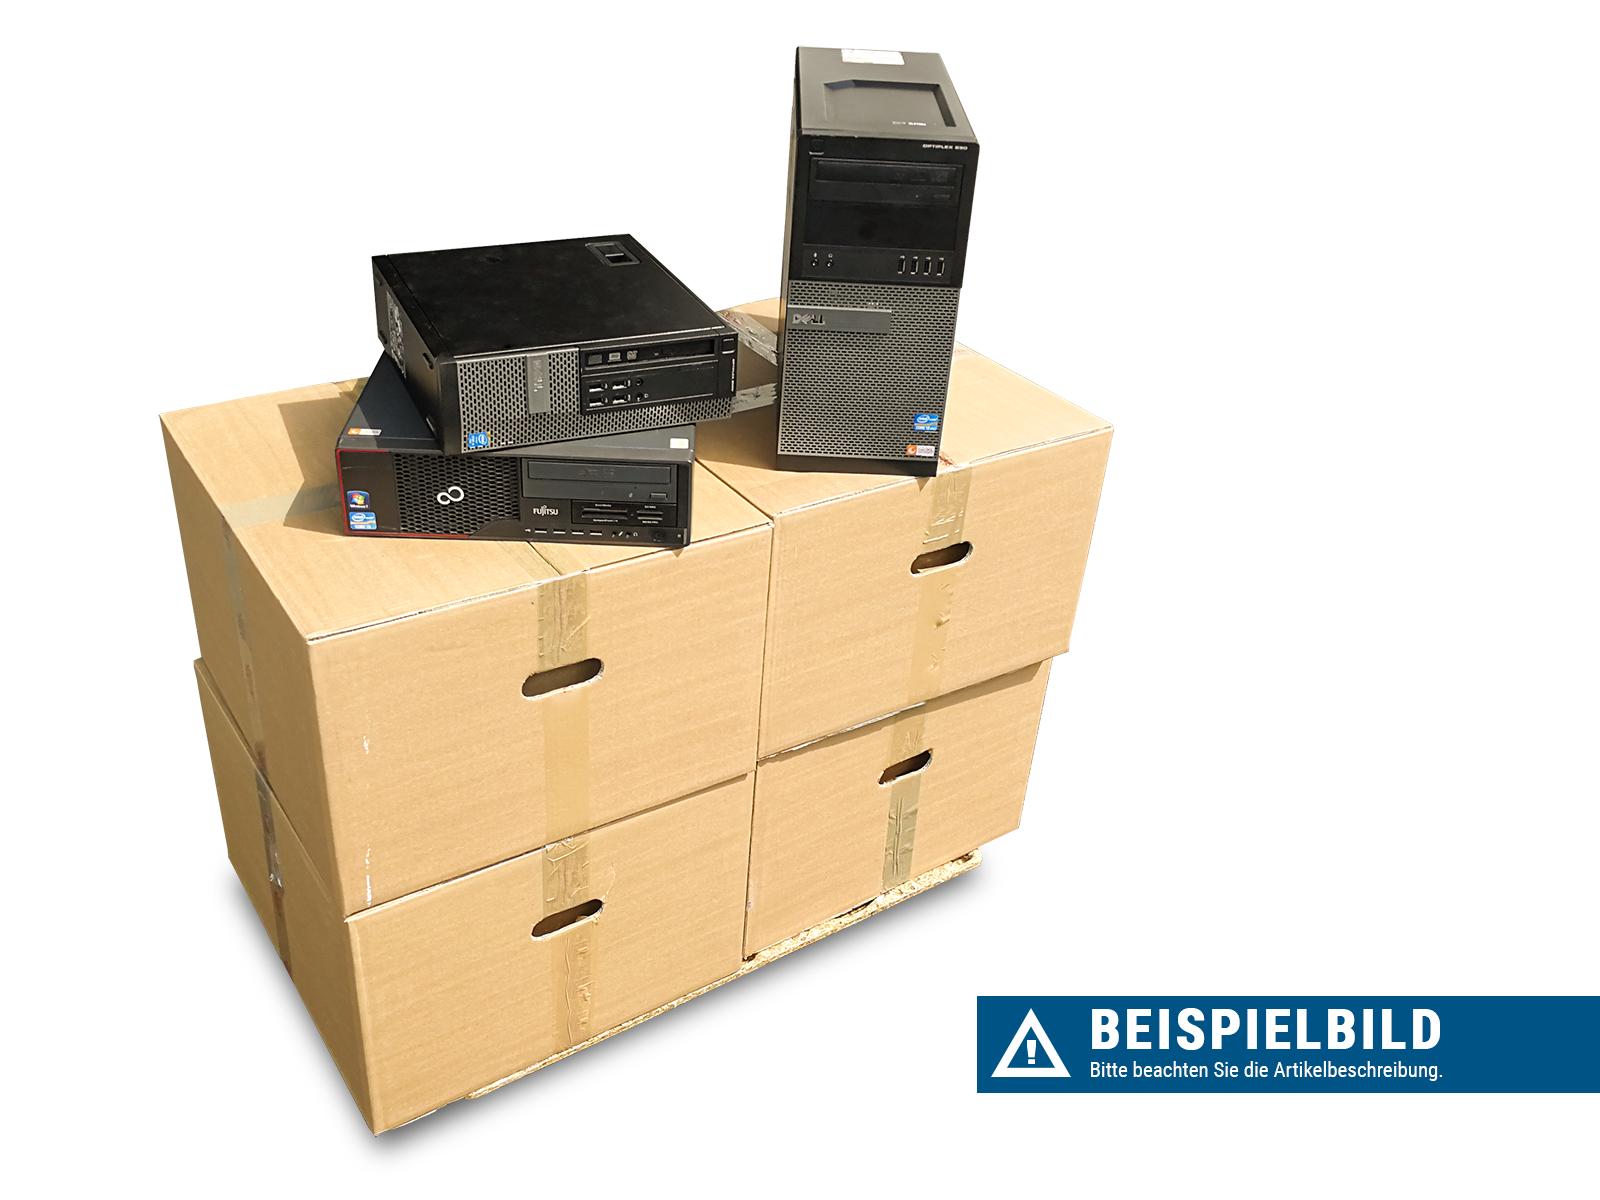 PC PAKET: 16 Stück lt. Liste - Ohne Gewähr auf Vollständigkeit und Funktionsfähigkeit - ungetestet - shop.bb-net.de